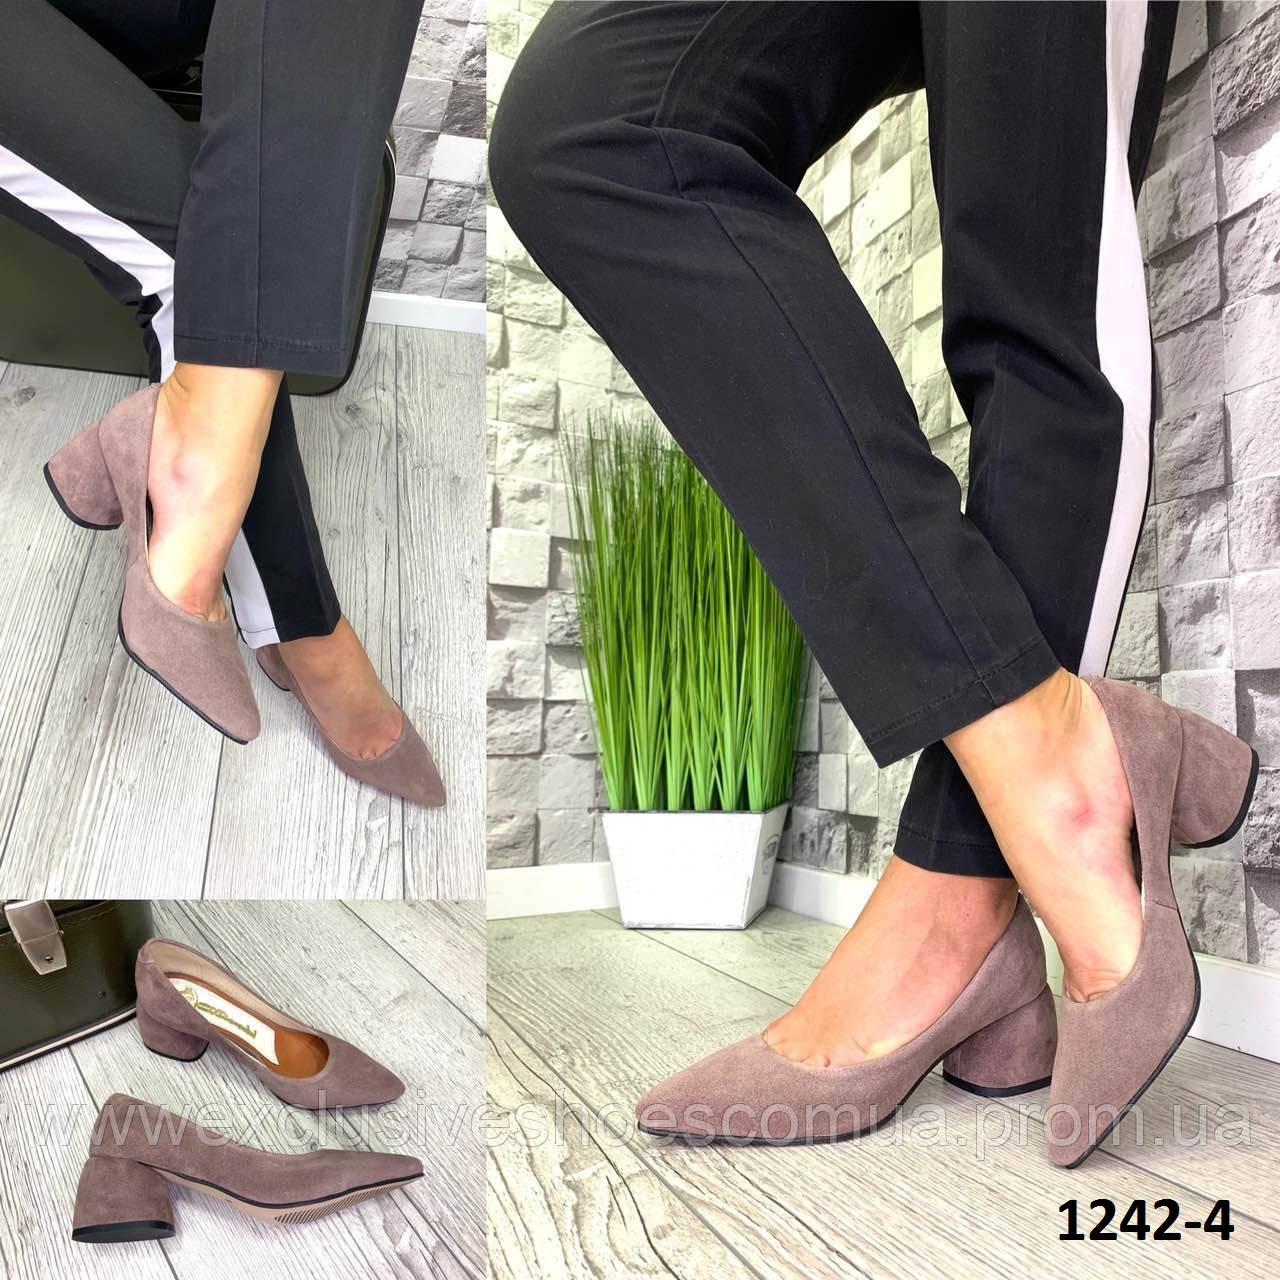 Туфли женские замшевые капучино на каблуке остроносые лодочки